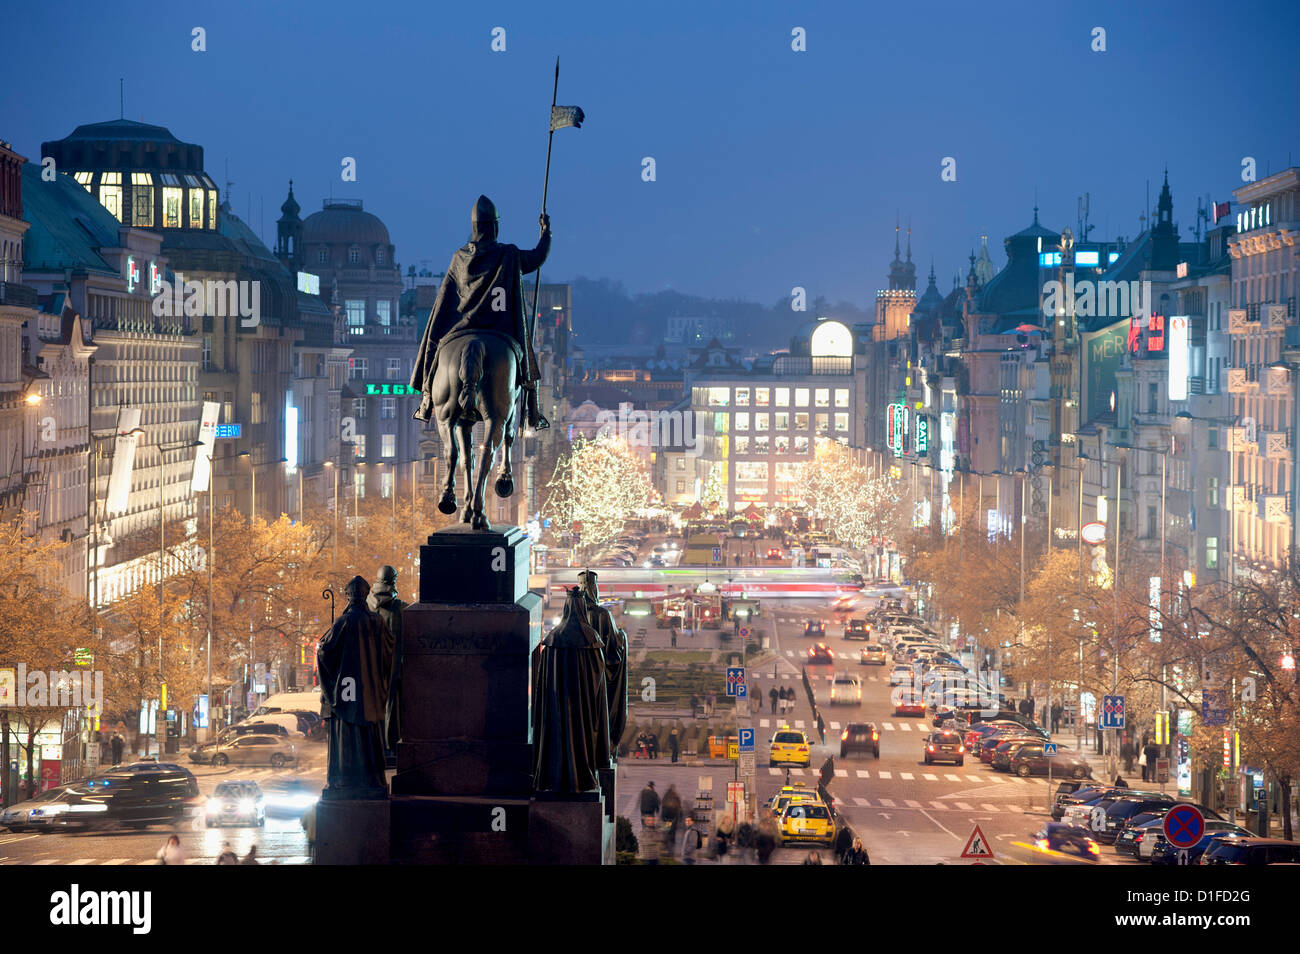 Statue de Saint Venceslas et de la Place Venceslas, au crépuscule, Nove mesto, Prague, République Tchèque, Photo Stock